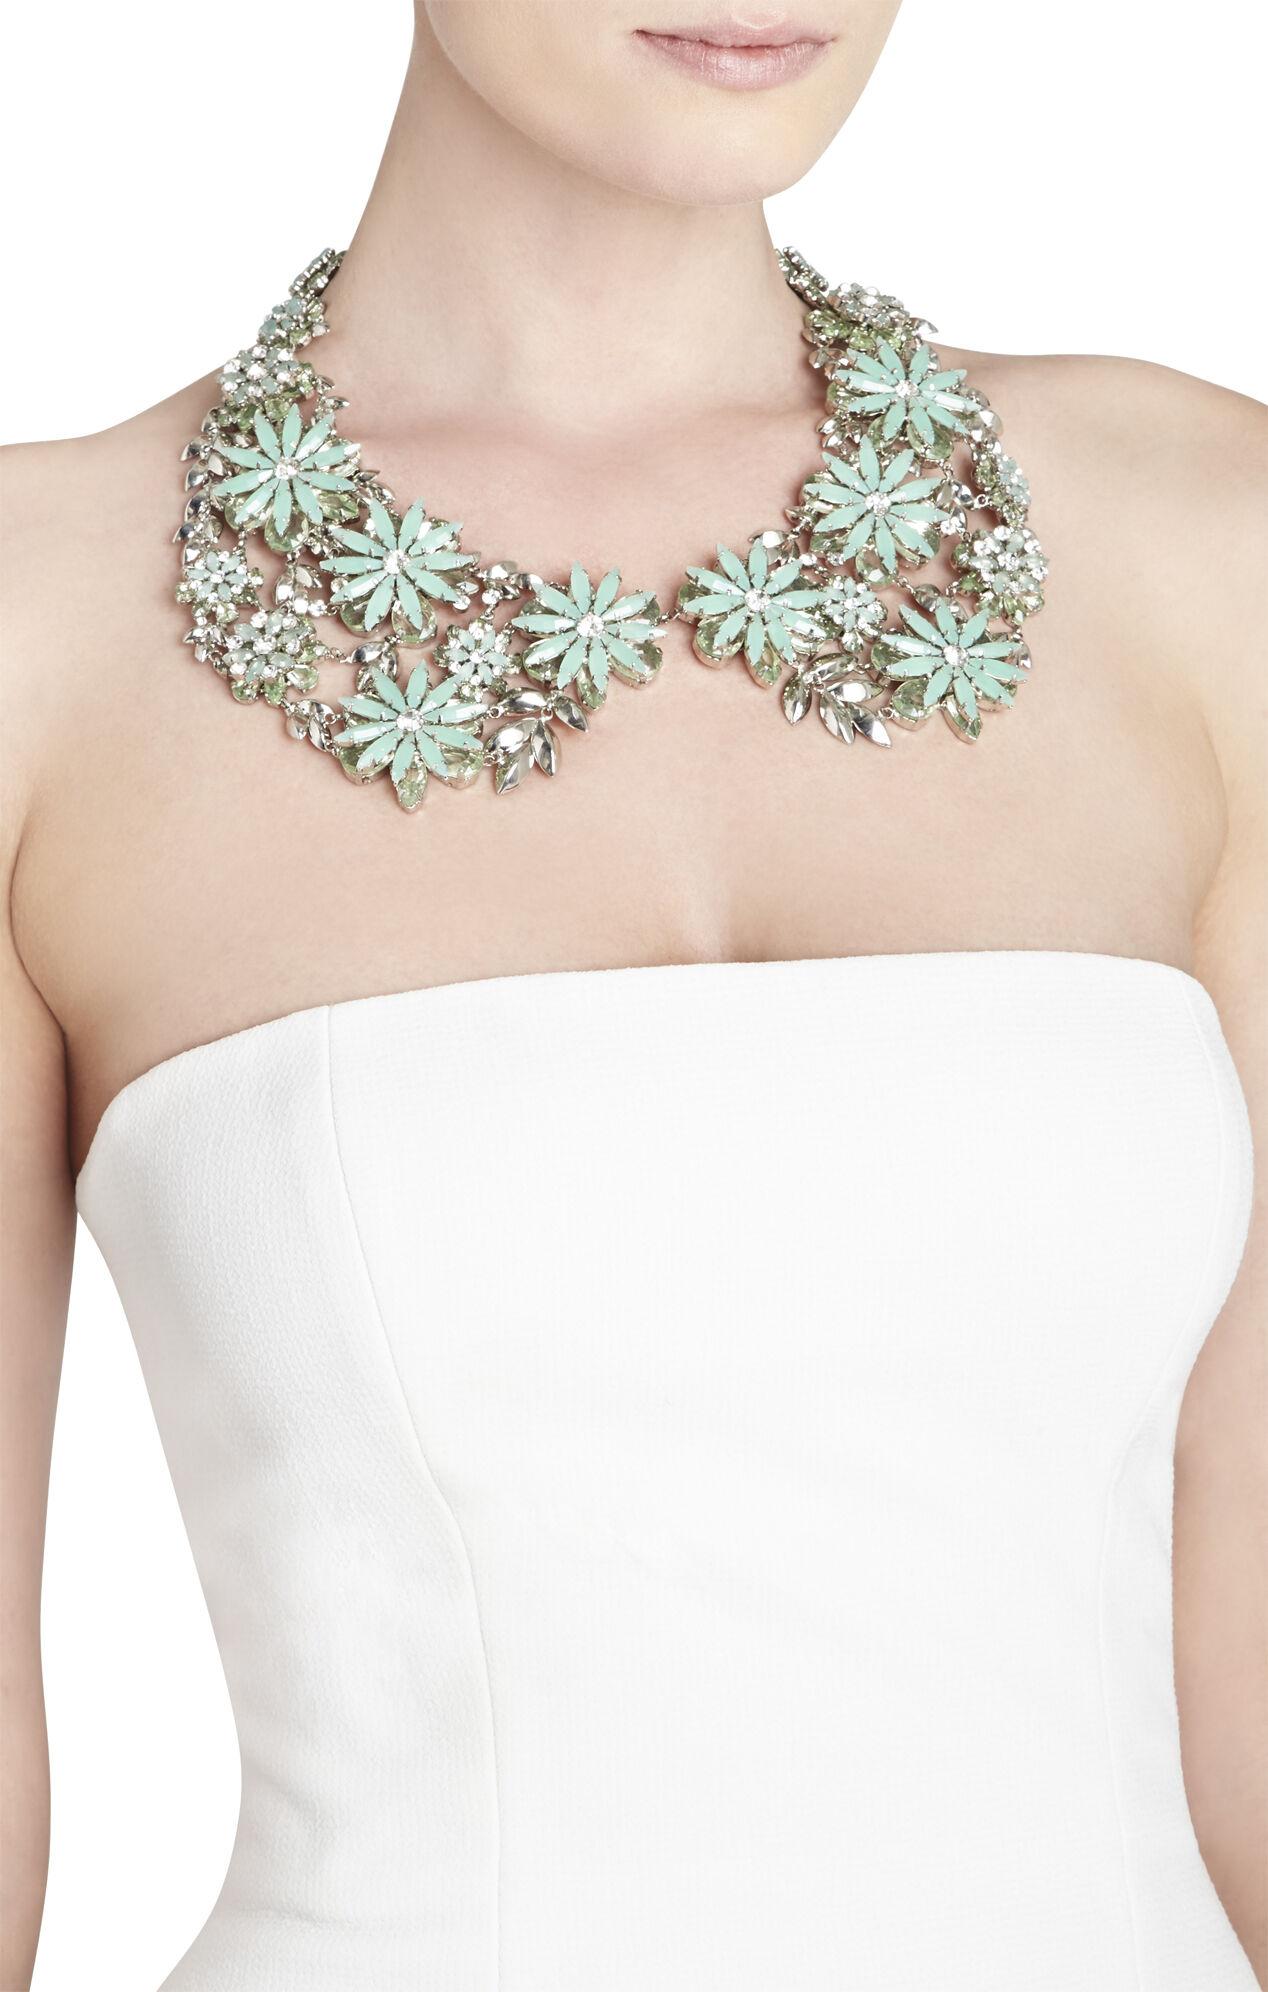 Floral Peter Pan Collar Necklace